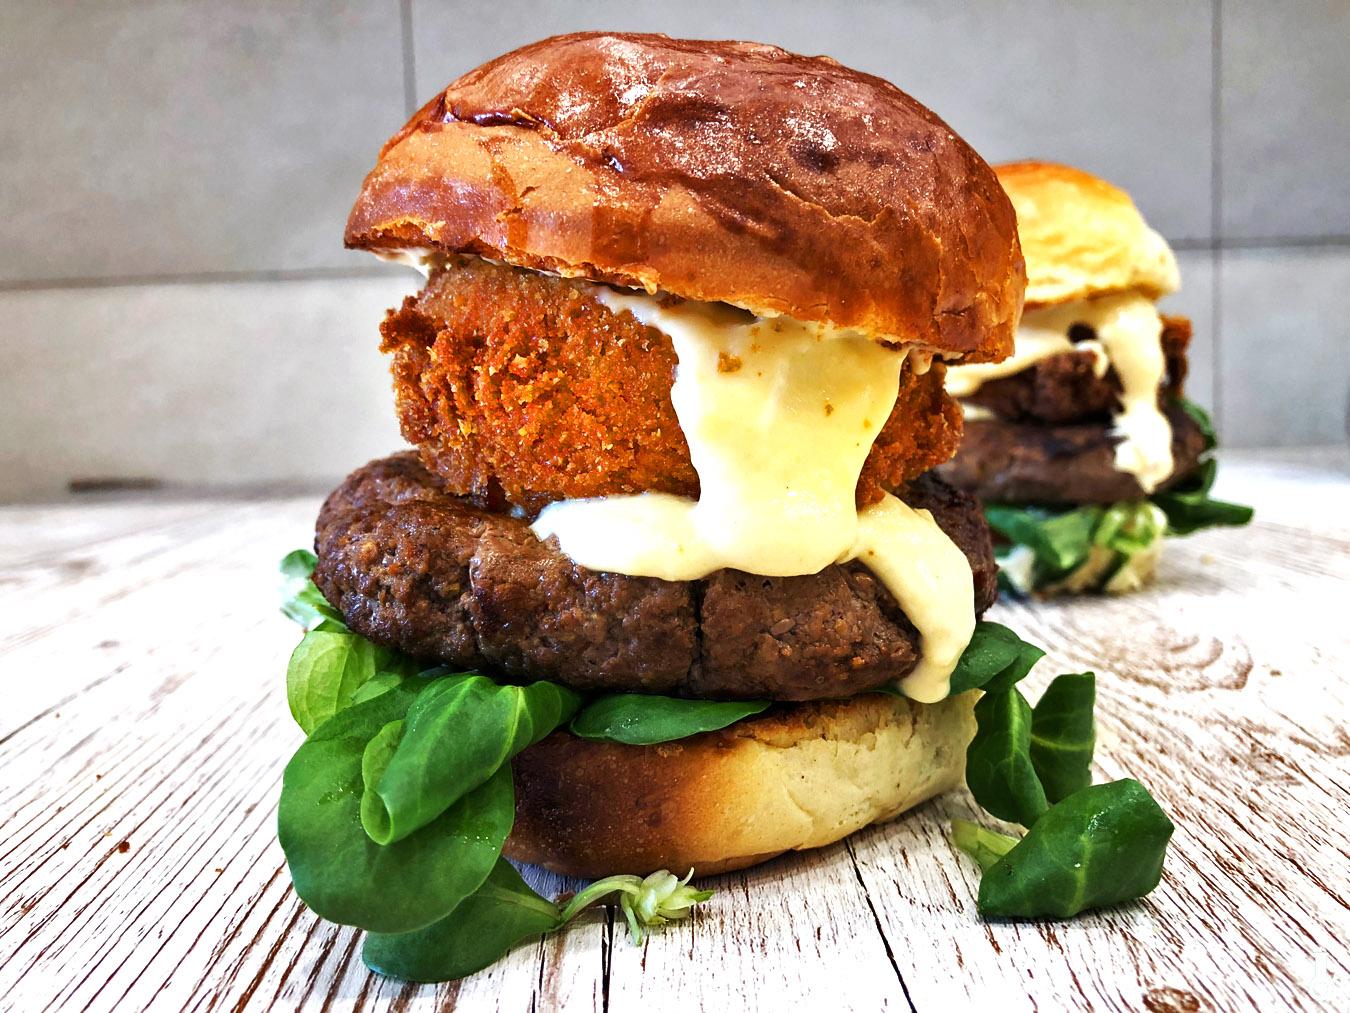 http://www.stonerchef.pl/wp-content/uploads/2018/05/sos-serowy-cieknacy-z-wulkano-burgera.jpg